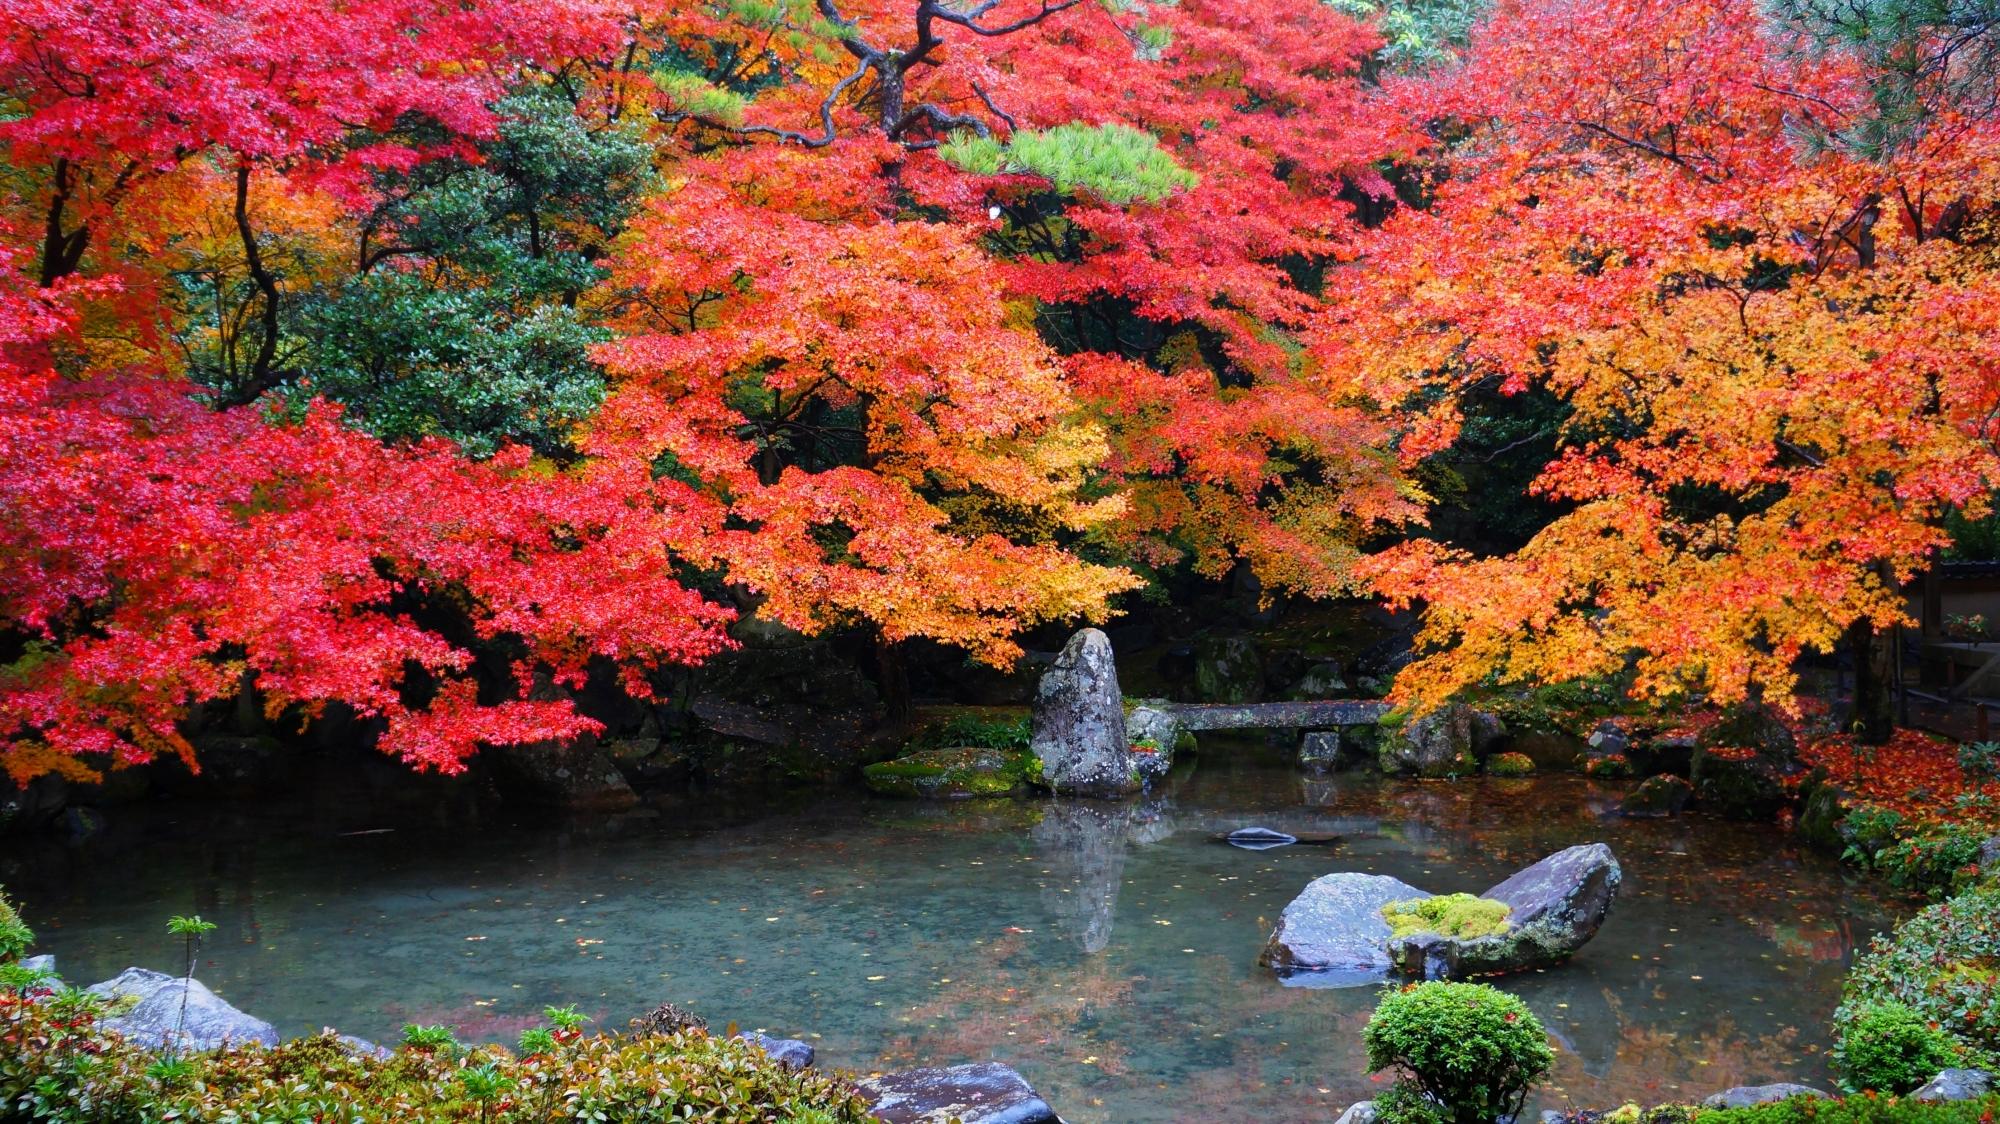 蓮華寺の池泉式庭園の圧巻の紅葉